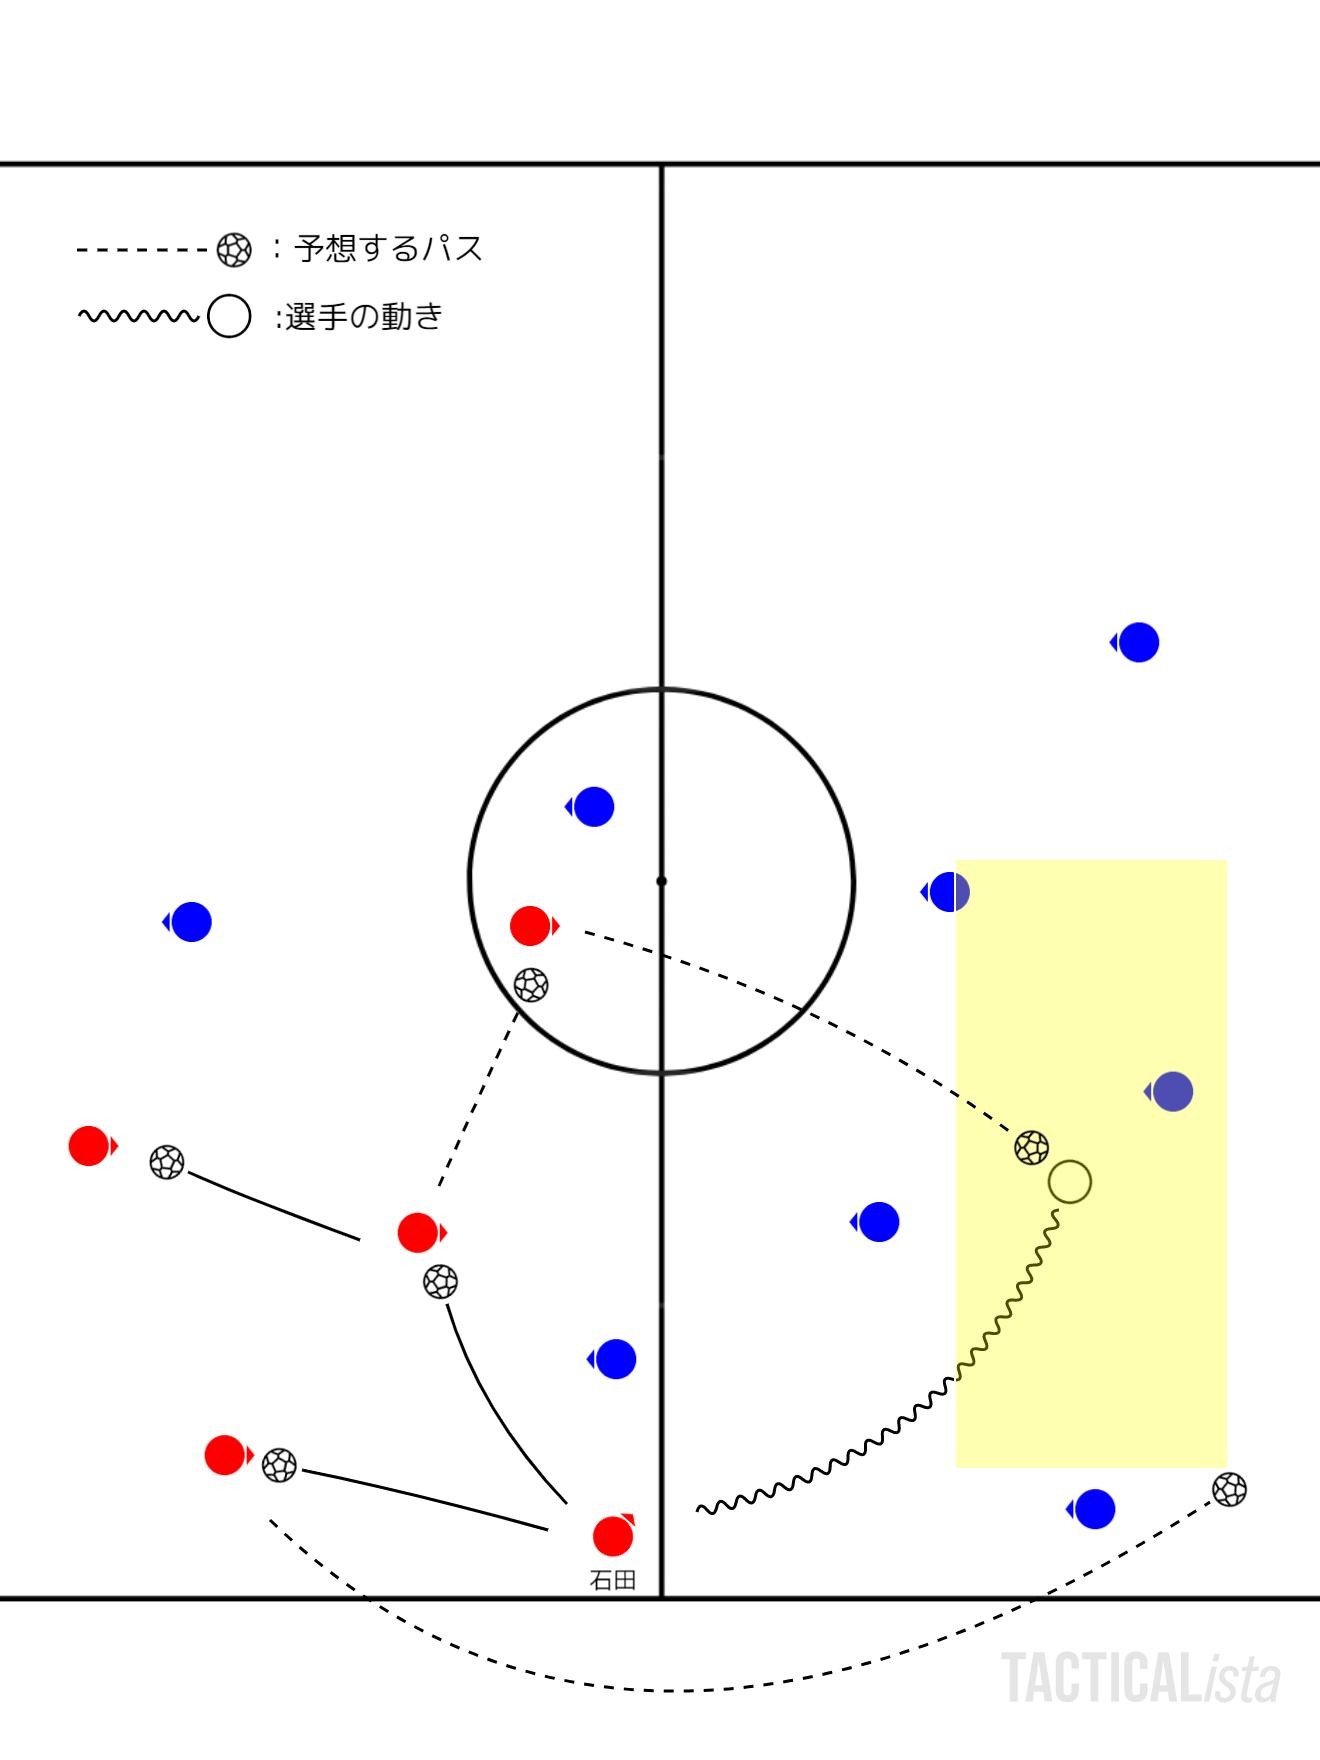 予想するパス(2パターン)と、実際に選択した動き